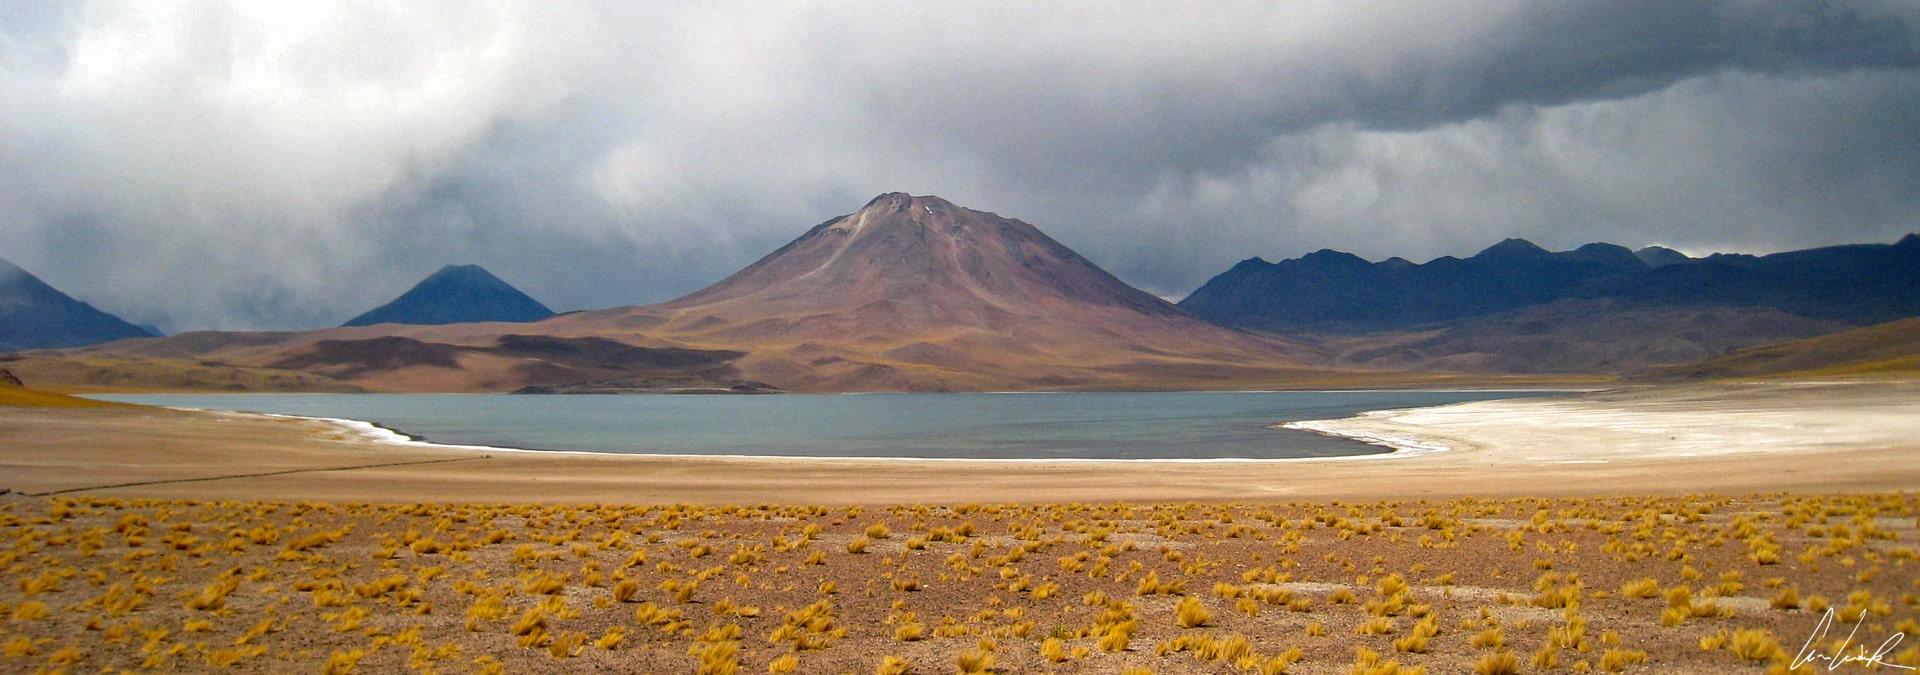 Sur l'altiplano chilien le volcan Miñiques, surplombe les lagunes Miñiques et Miscanti du haut de ses 5910 mètres